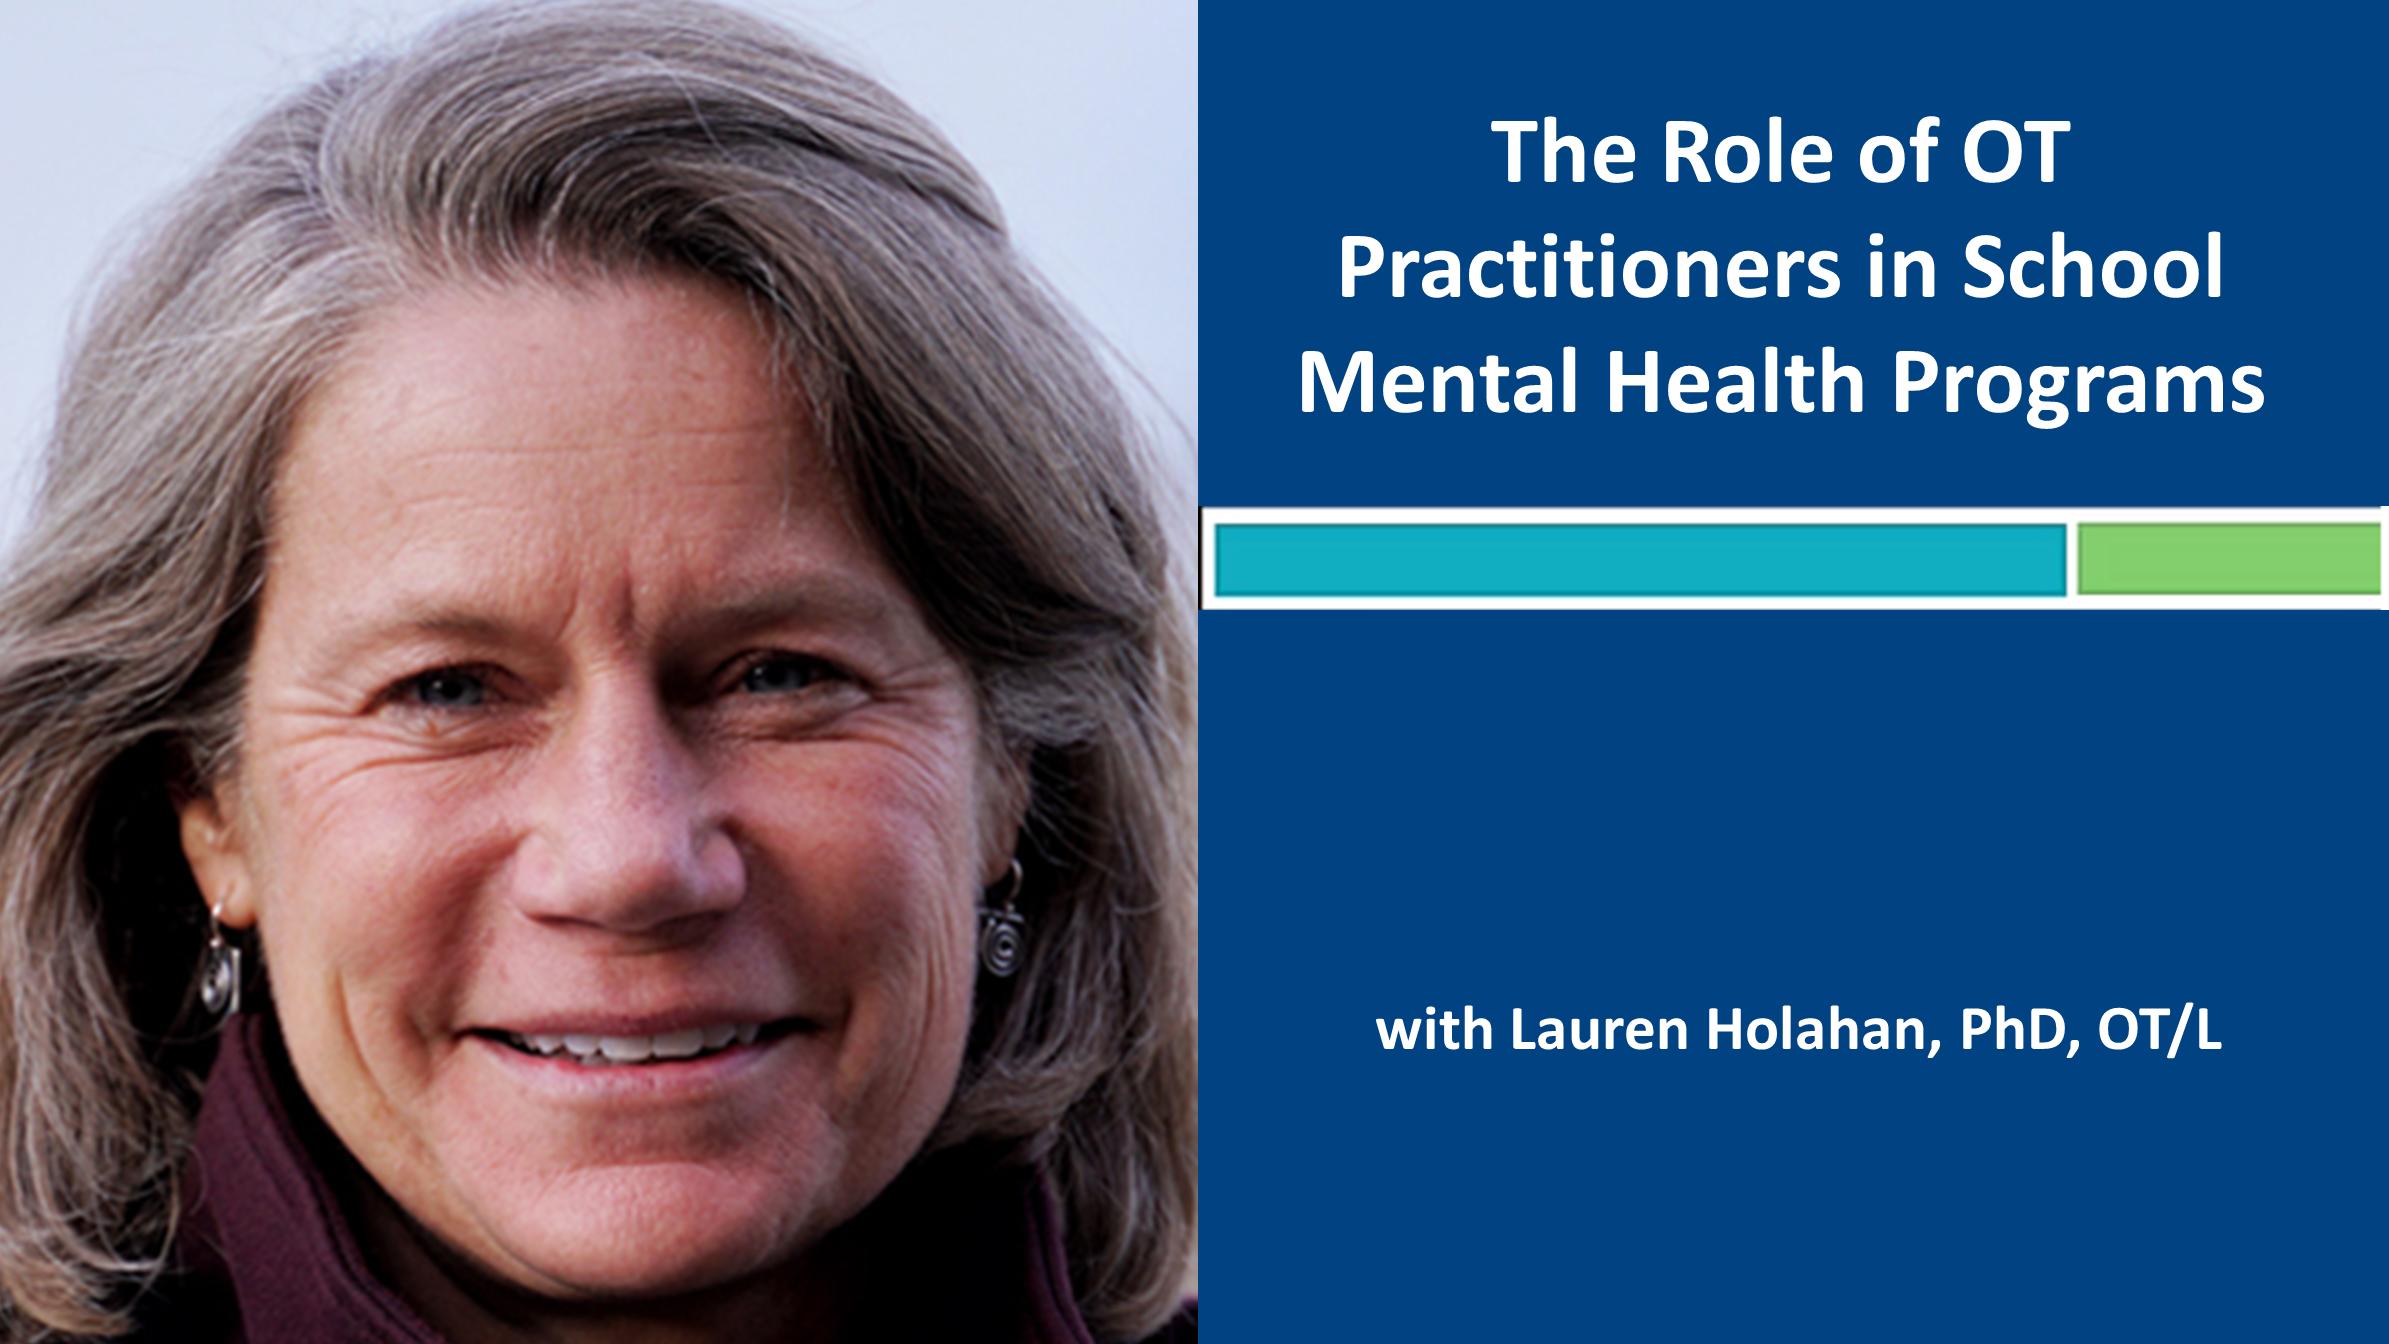 Webinar 6: The Role of OT in School Mental Health Programs with Lauren Holahan, PhD, OT/L